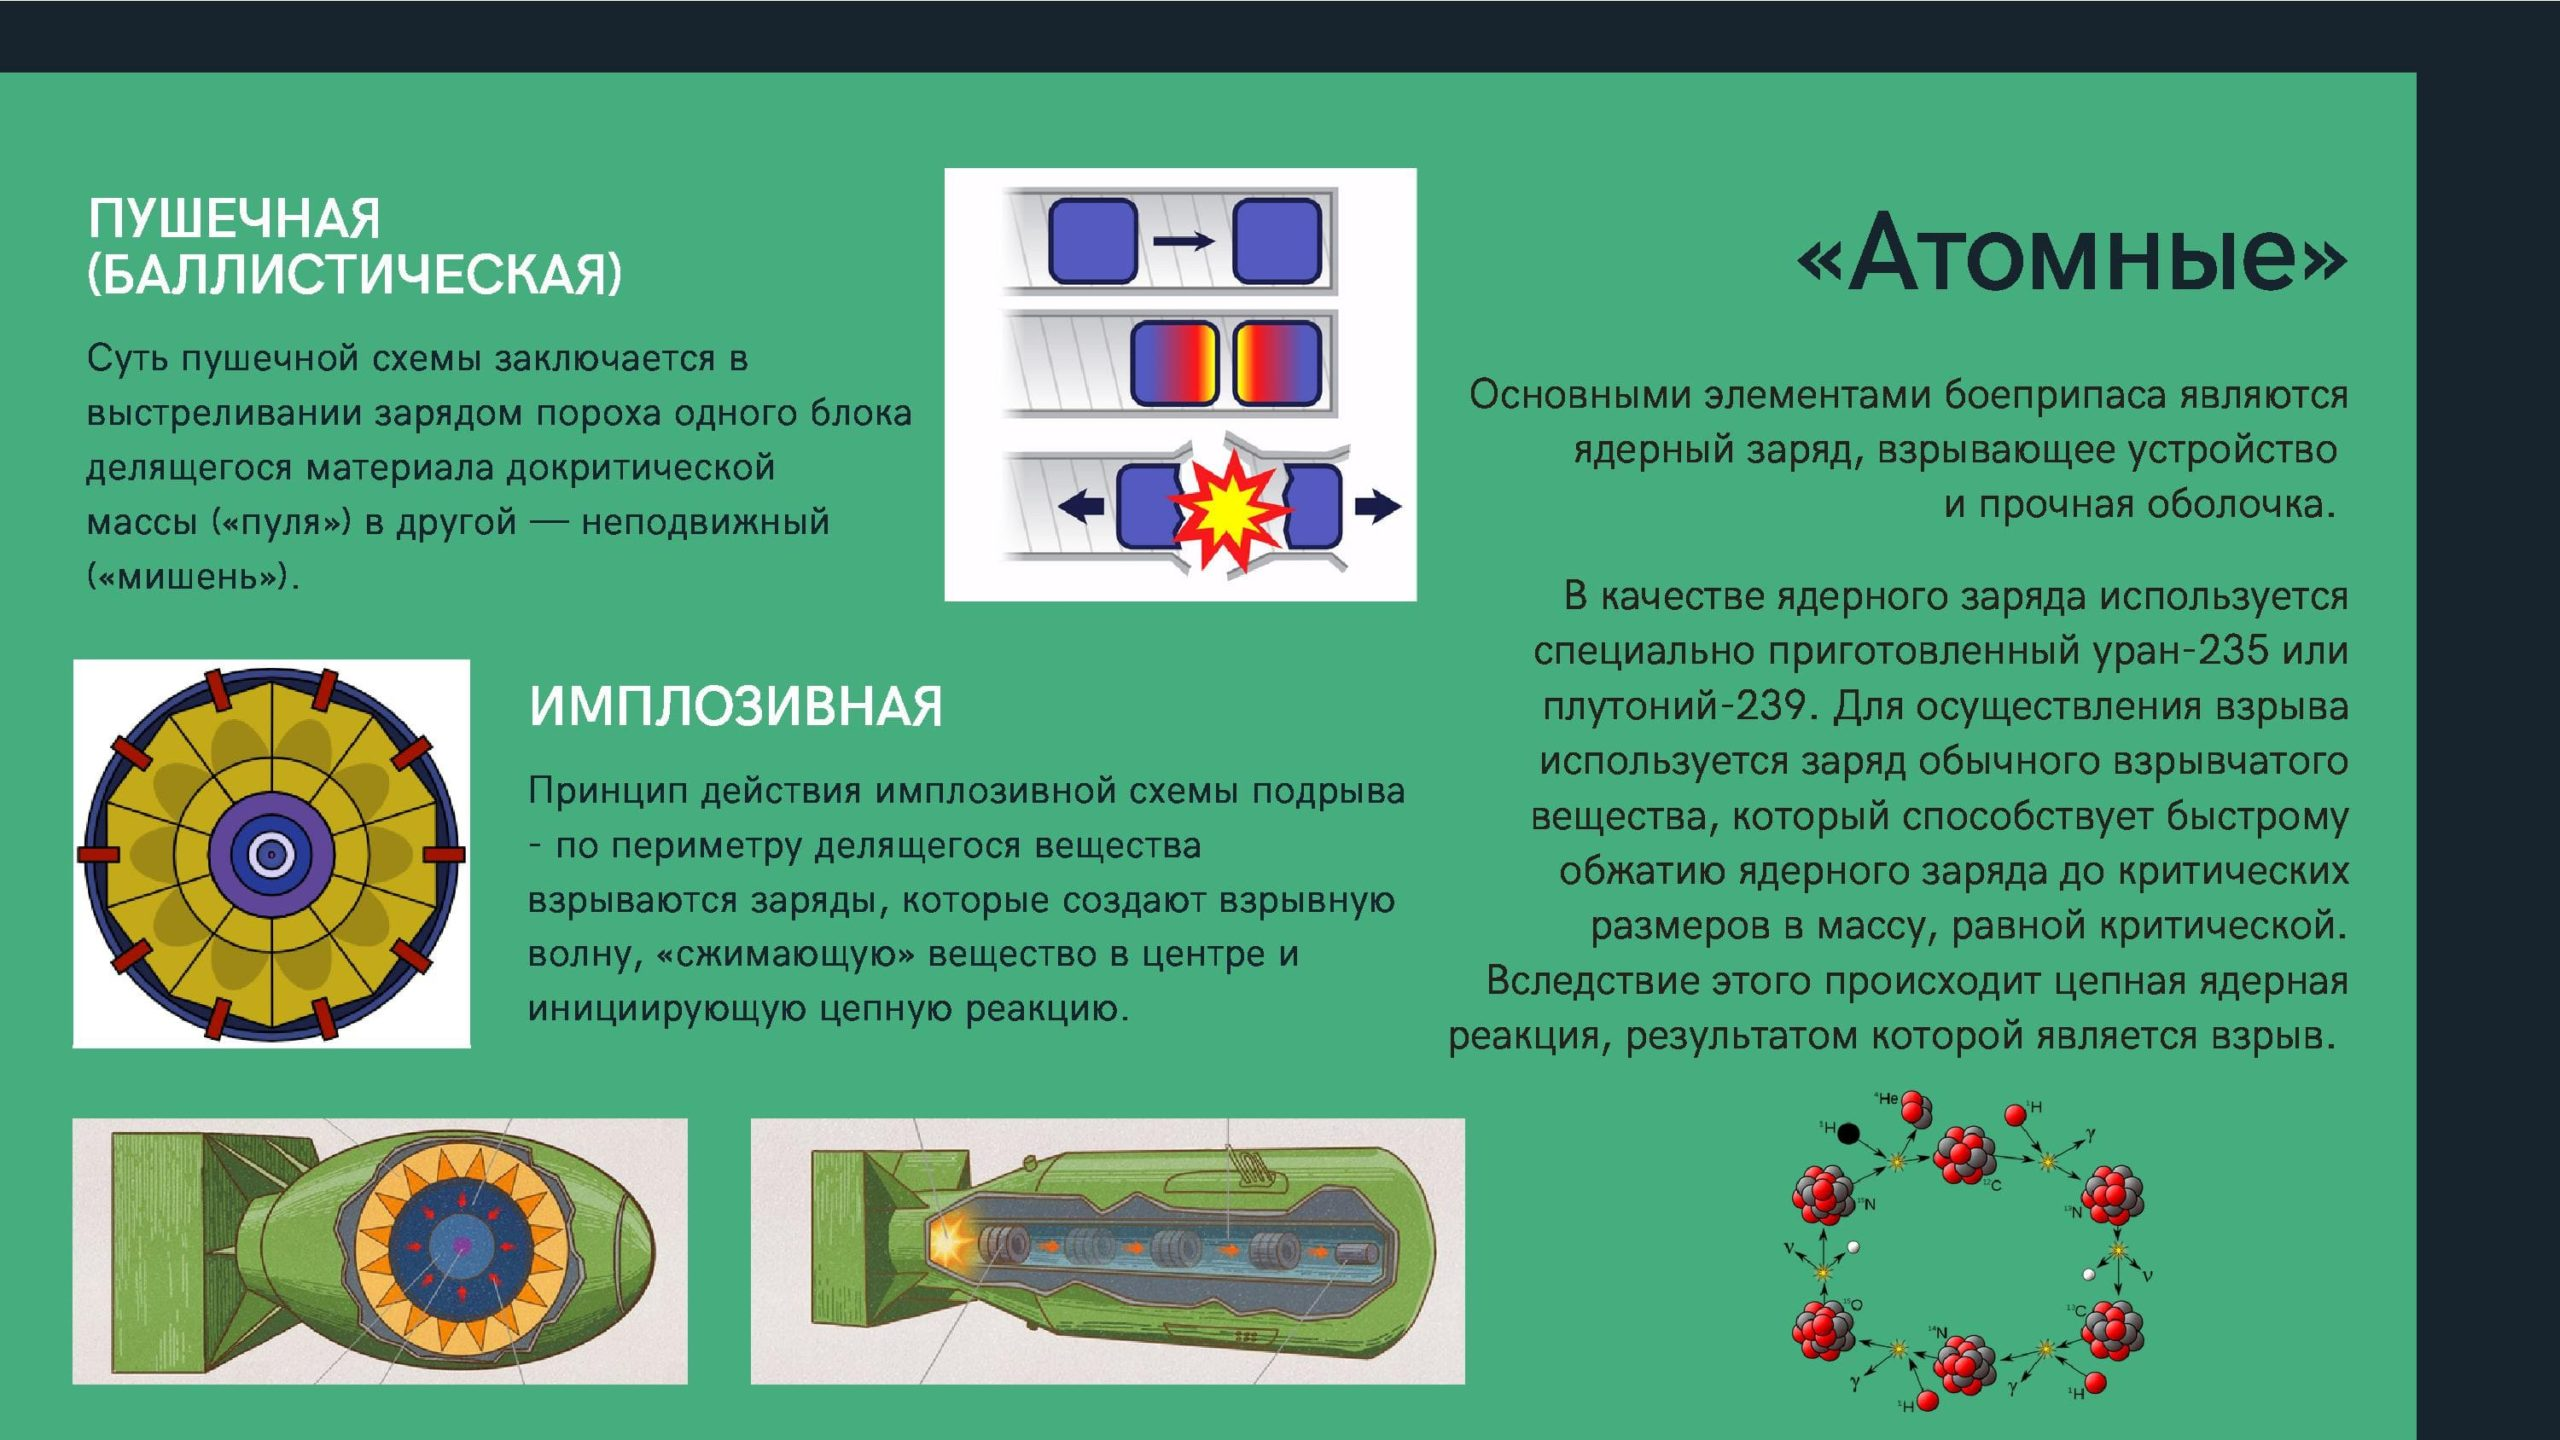 Атомные боеприпасы .Основными элементами боеприпаса являются